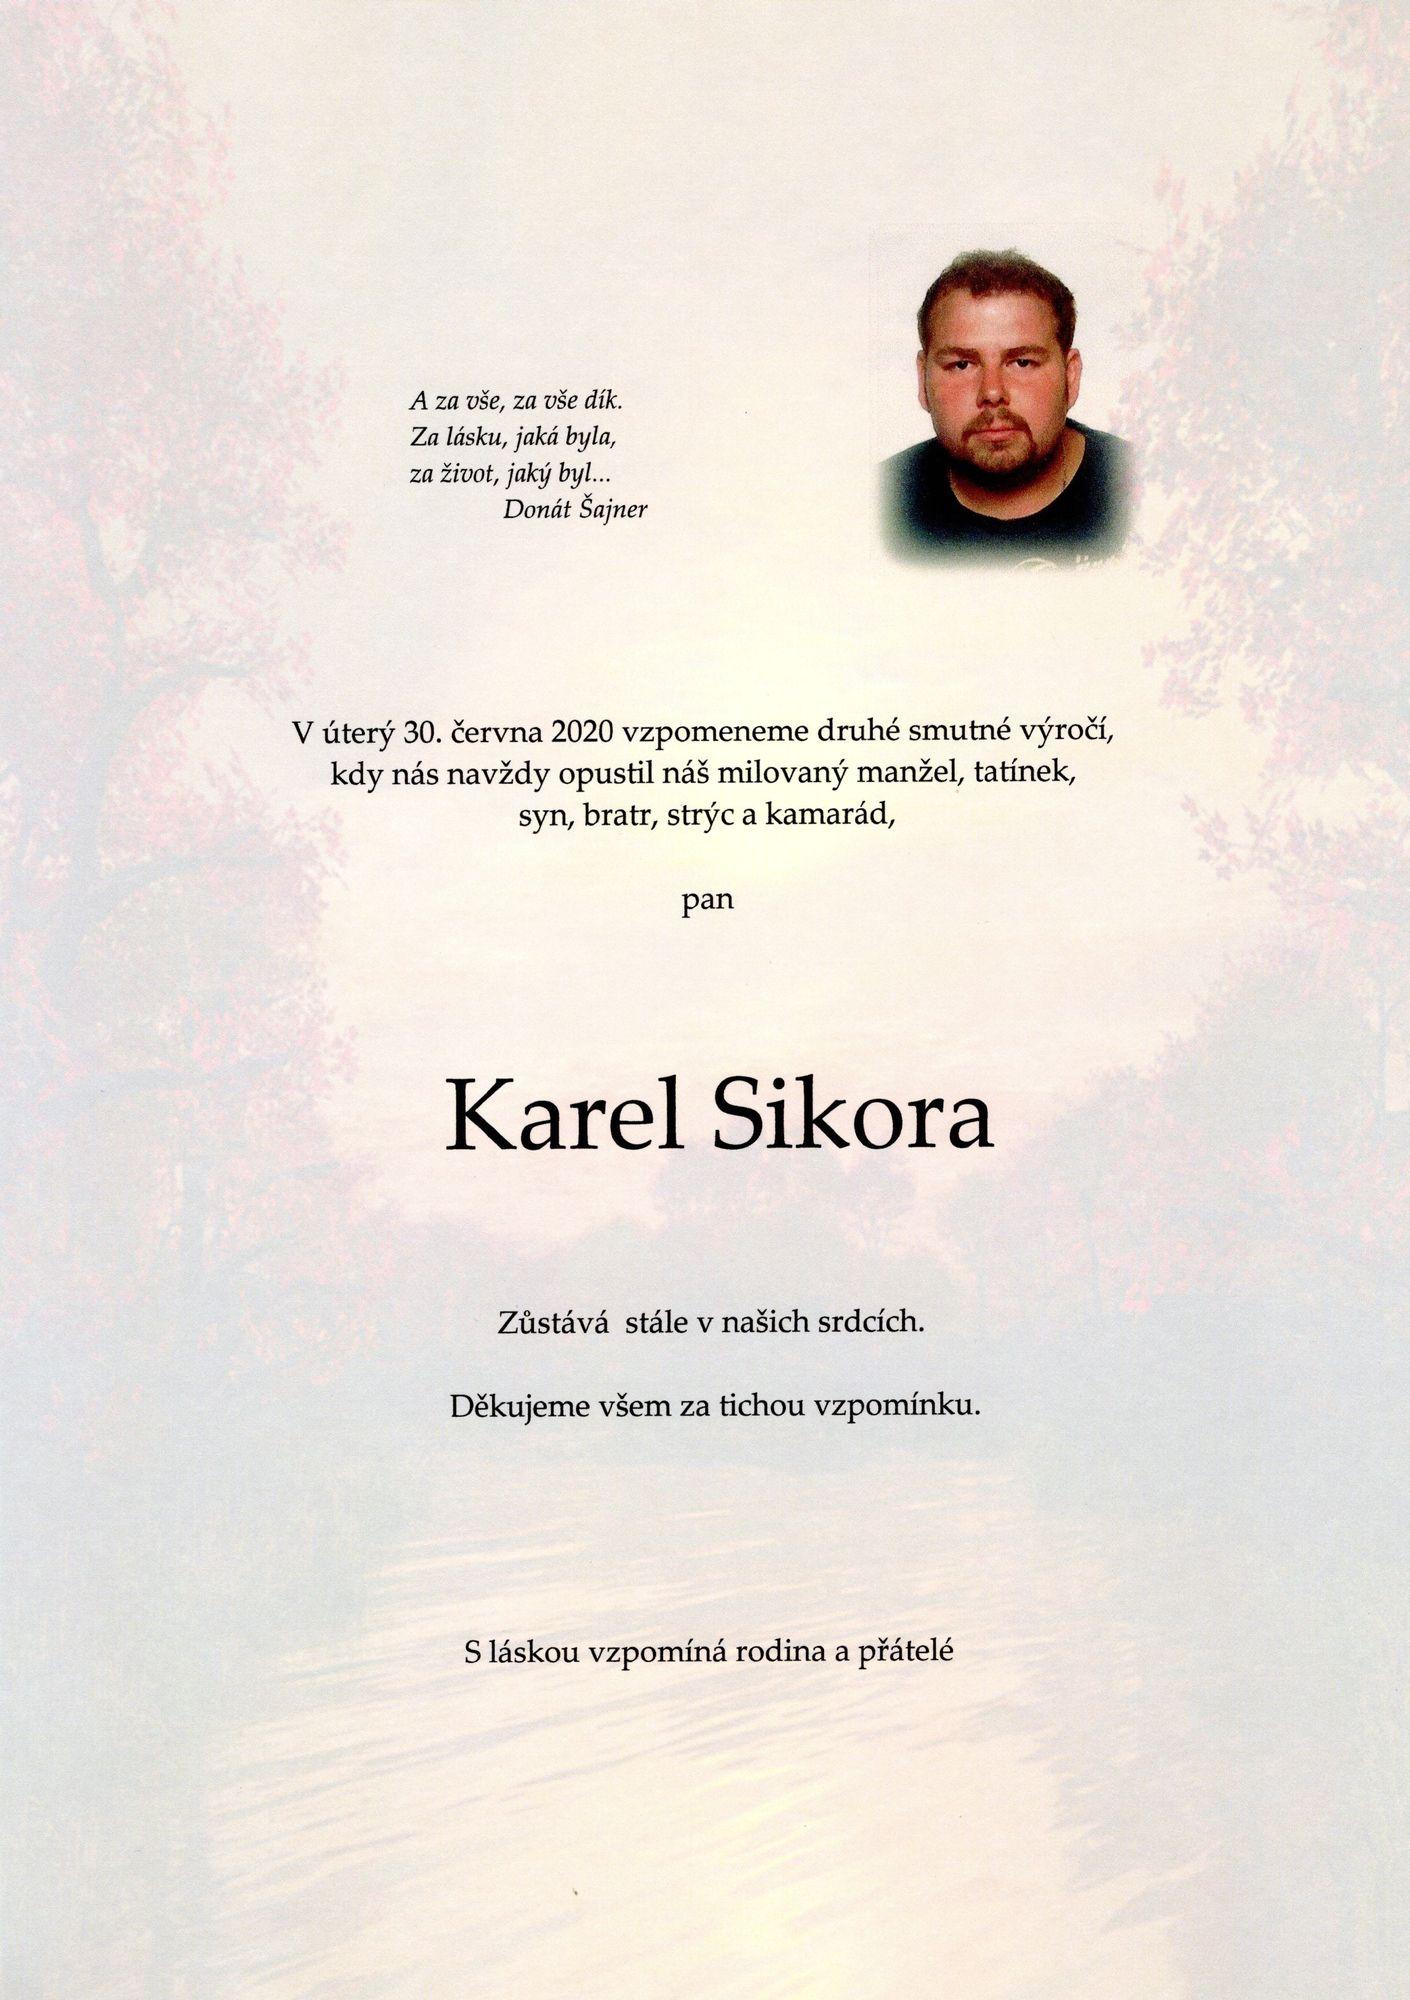 Karel Sikora